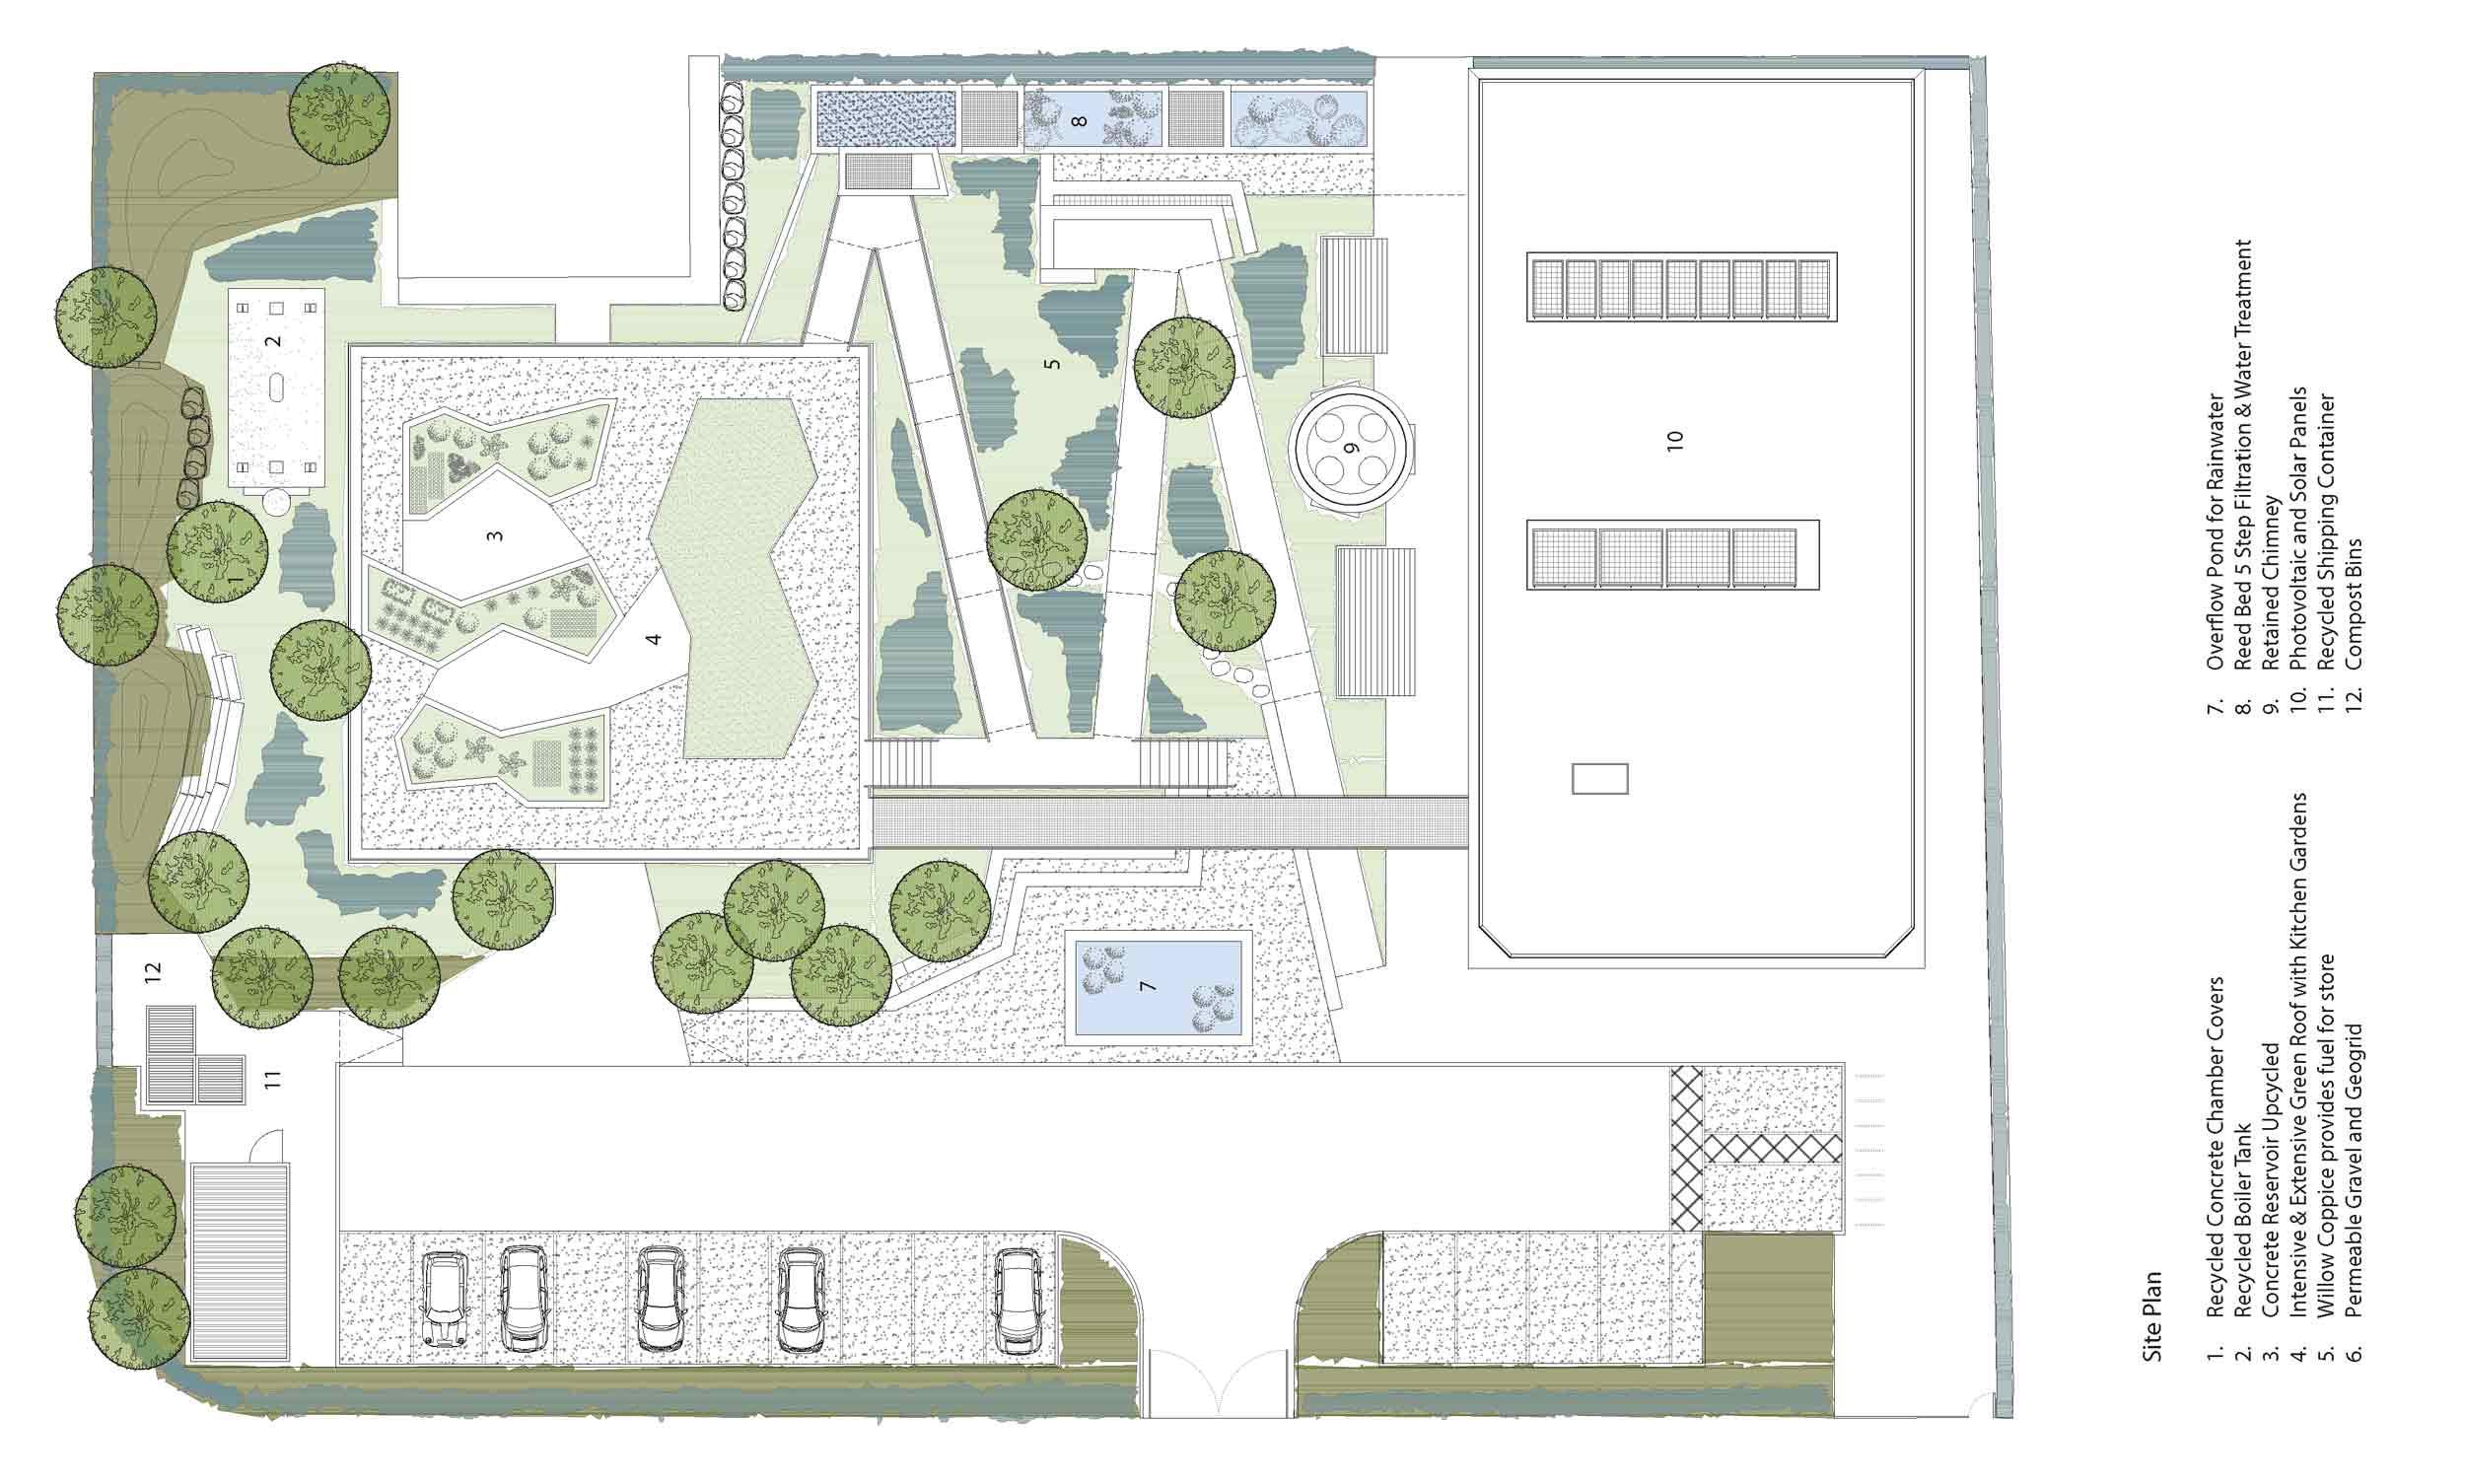 Dublin boiler house reborn as green building exemplar for Home site plan